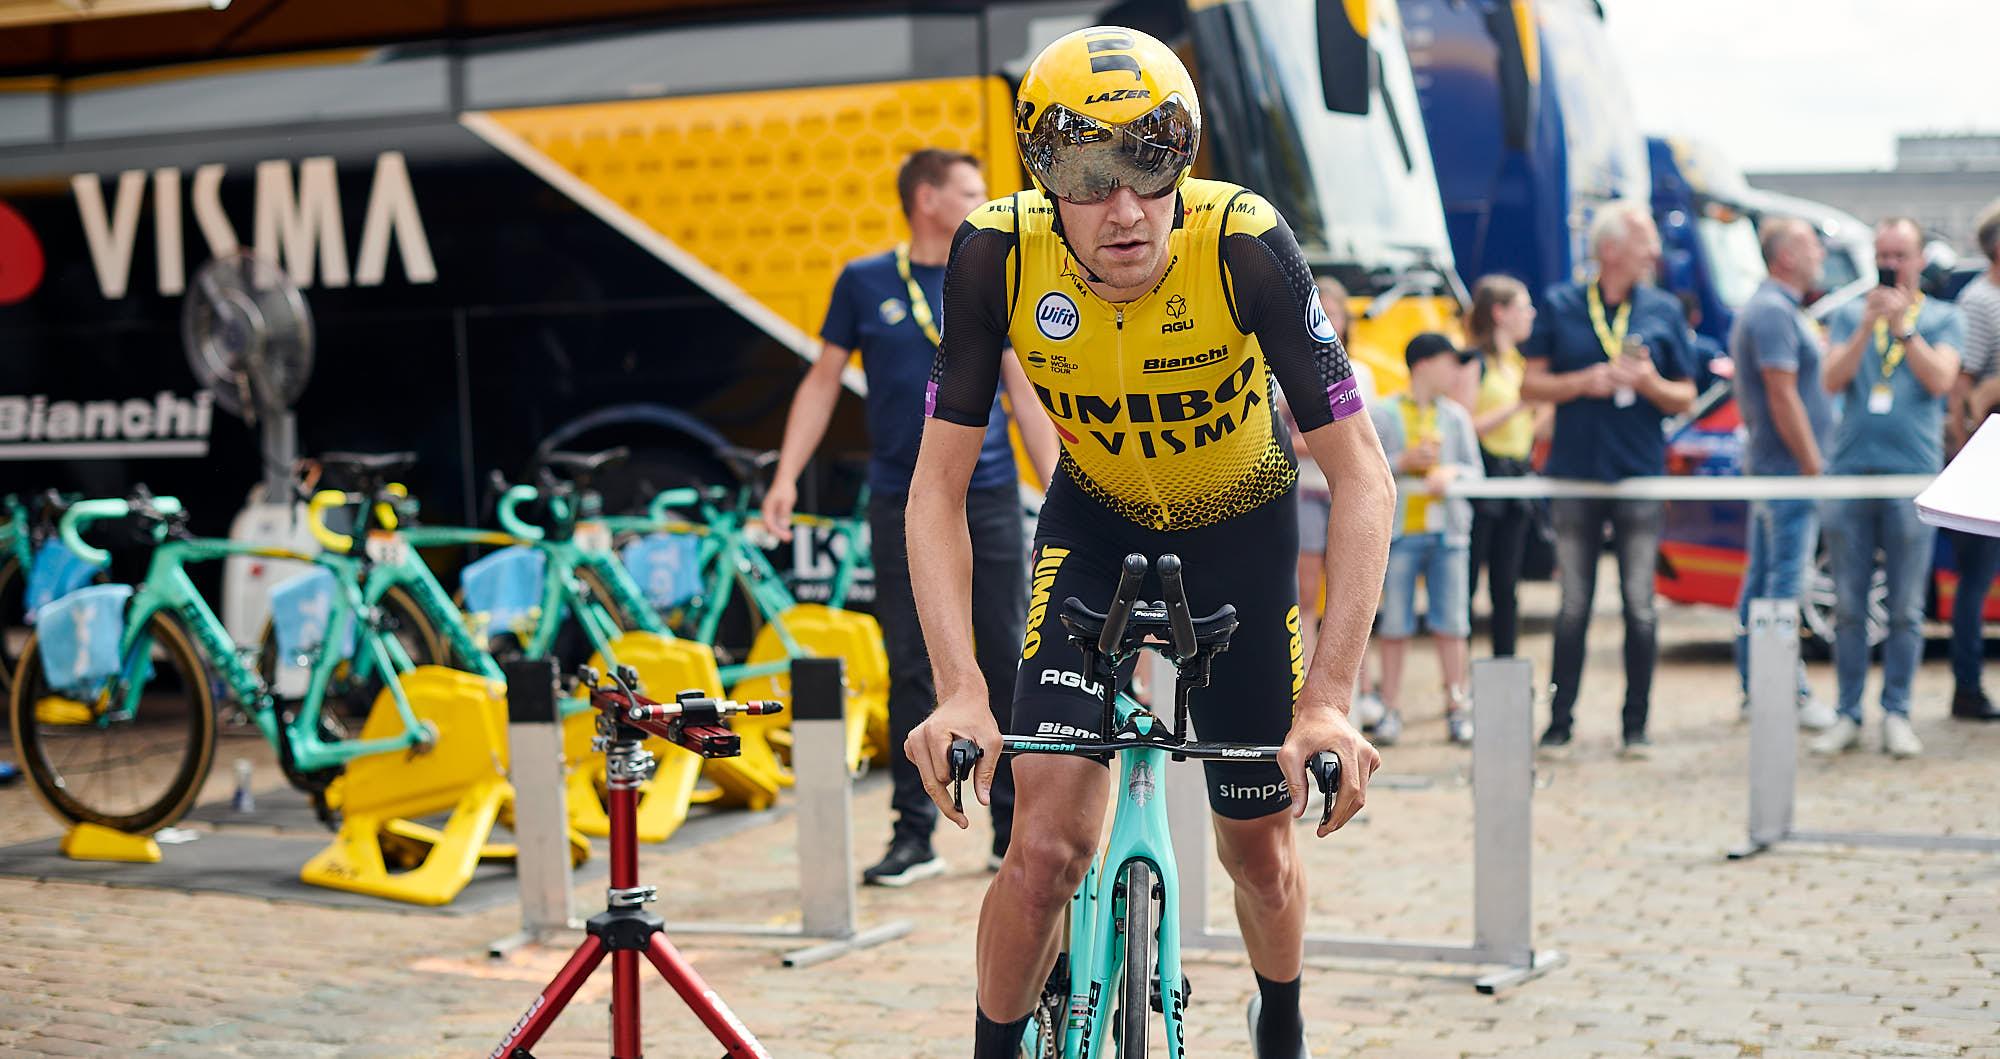 Belgian young cyclist Laurens de Plus at the 2019 Tour de France